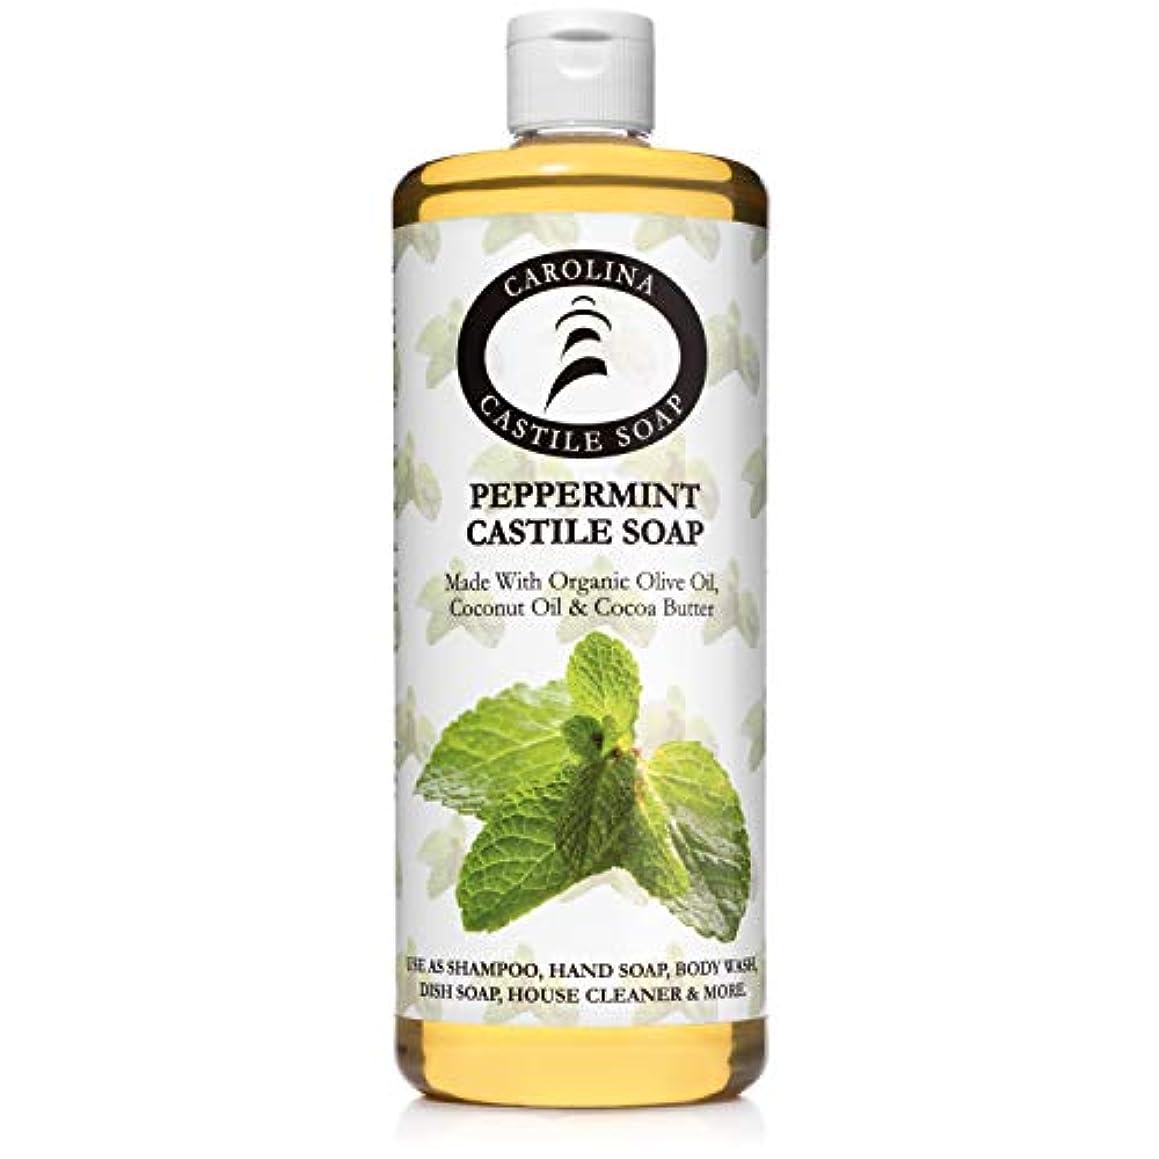 汚す埋めるCarolina Castile Soap ペパーミントカスティーリャ石鹸オーガニックココアバターカロライナ州カスティーリャ 32オズ